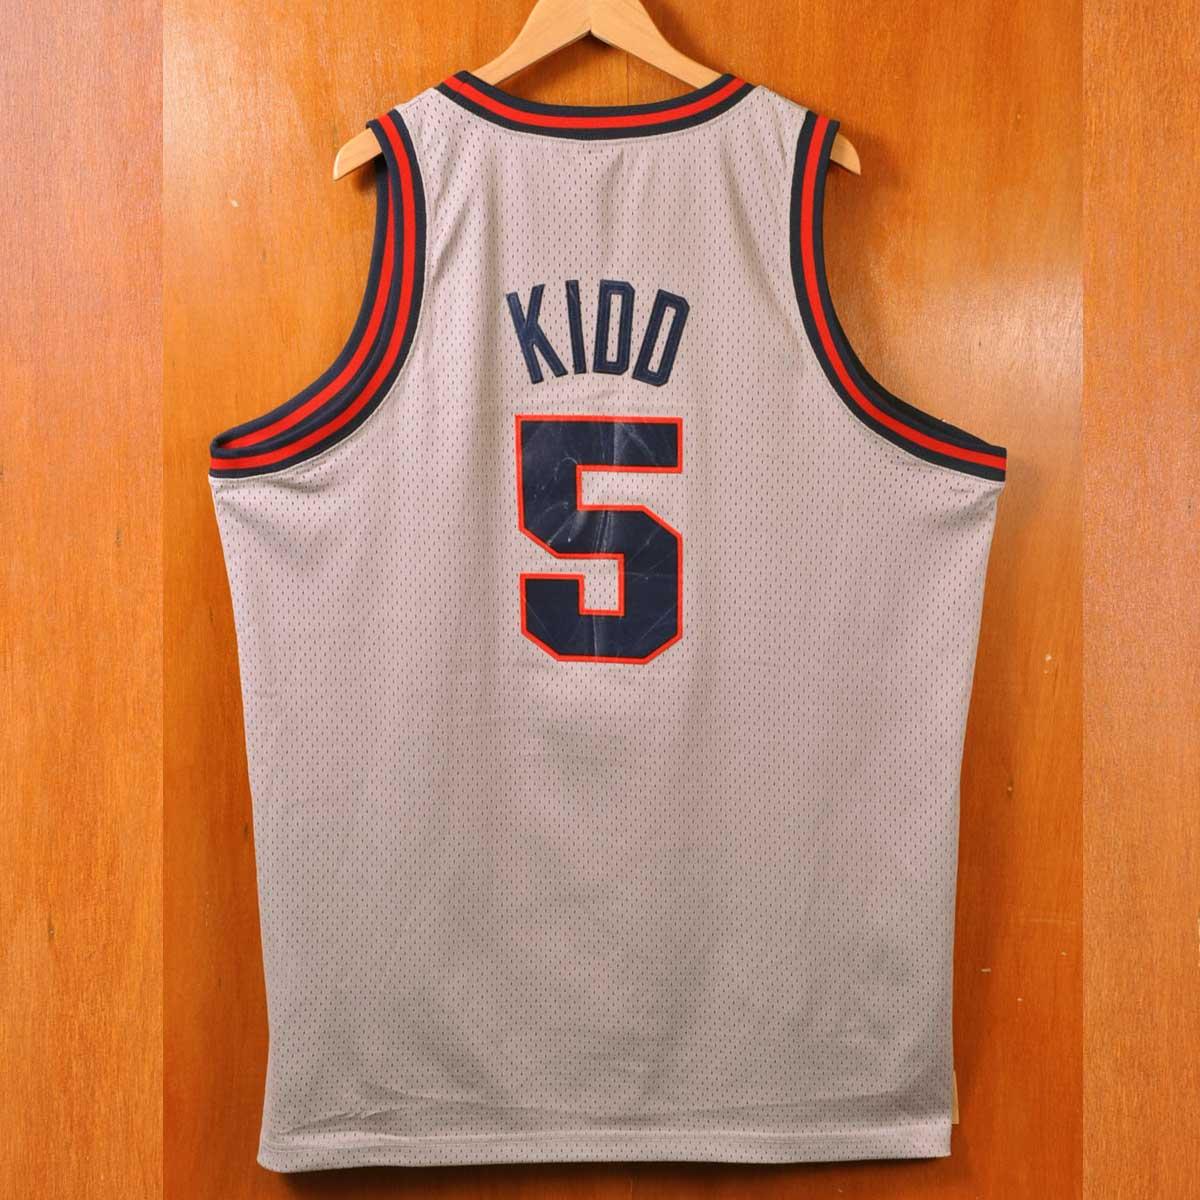 781132b5210 ... NIKE Nike NBA New Jersey Nets New Jersey Nets Jason Kidd basketball  tank top uniform numbering ...